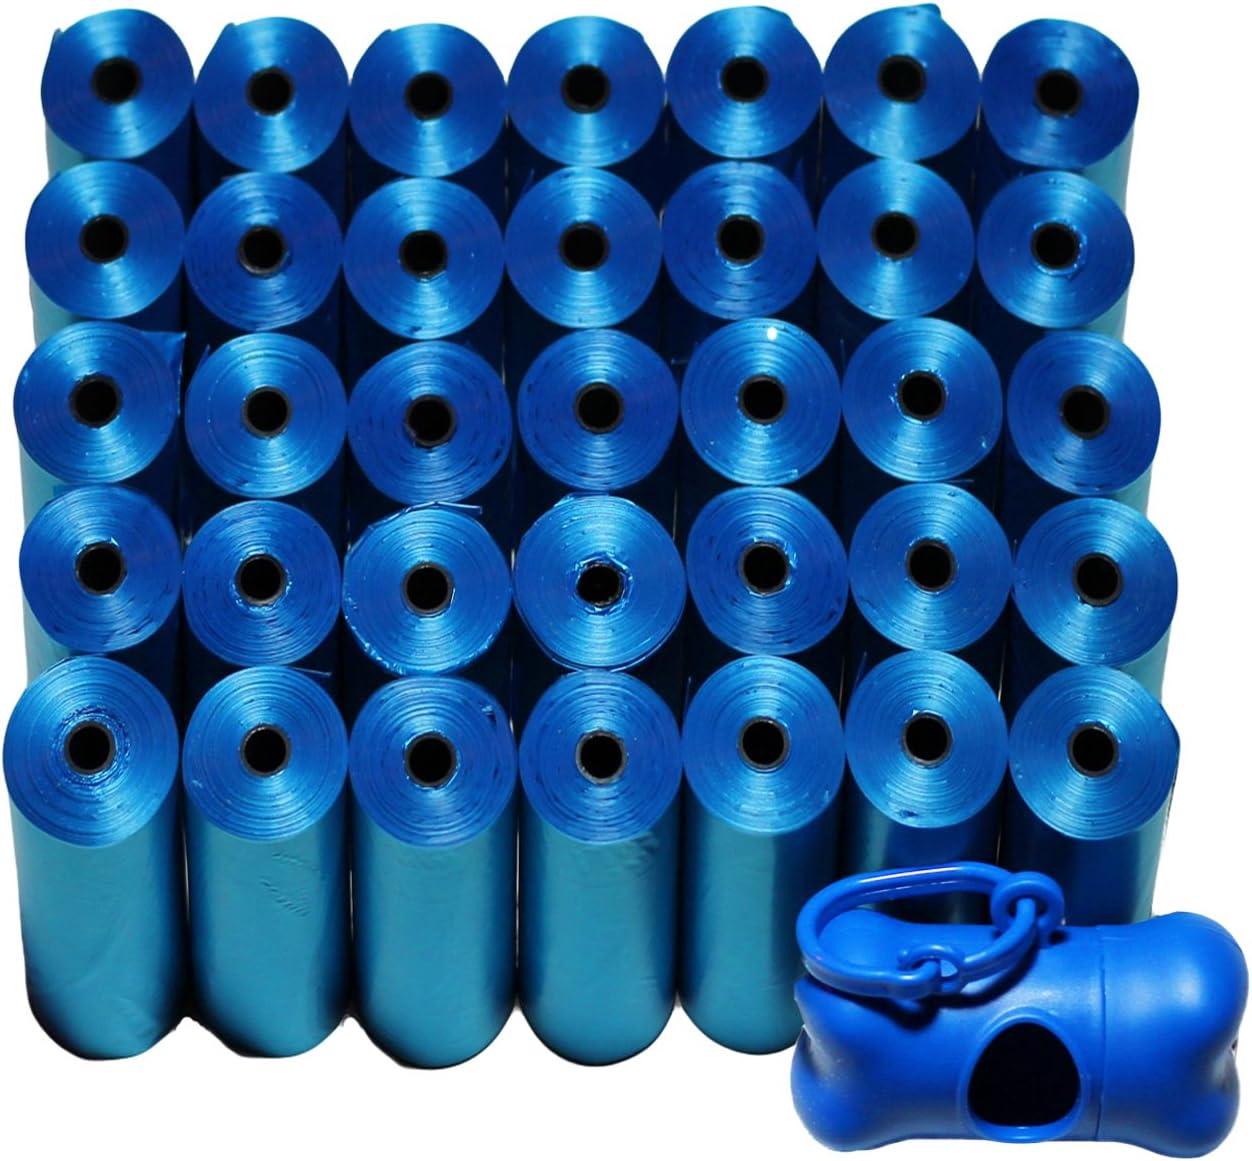 Poop Bag Shop 700-Count Dog Pet Waste Poop Bags, 35 Refill Rolls with Poop Bag Dispenser, Blue